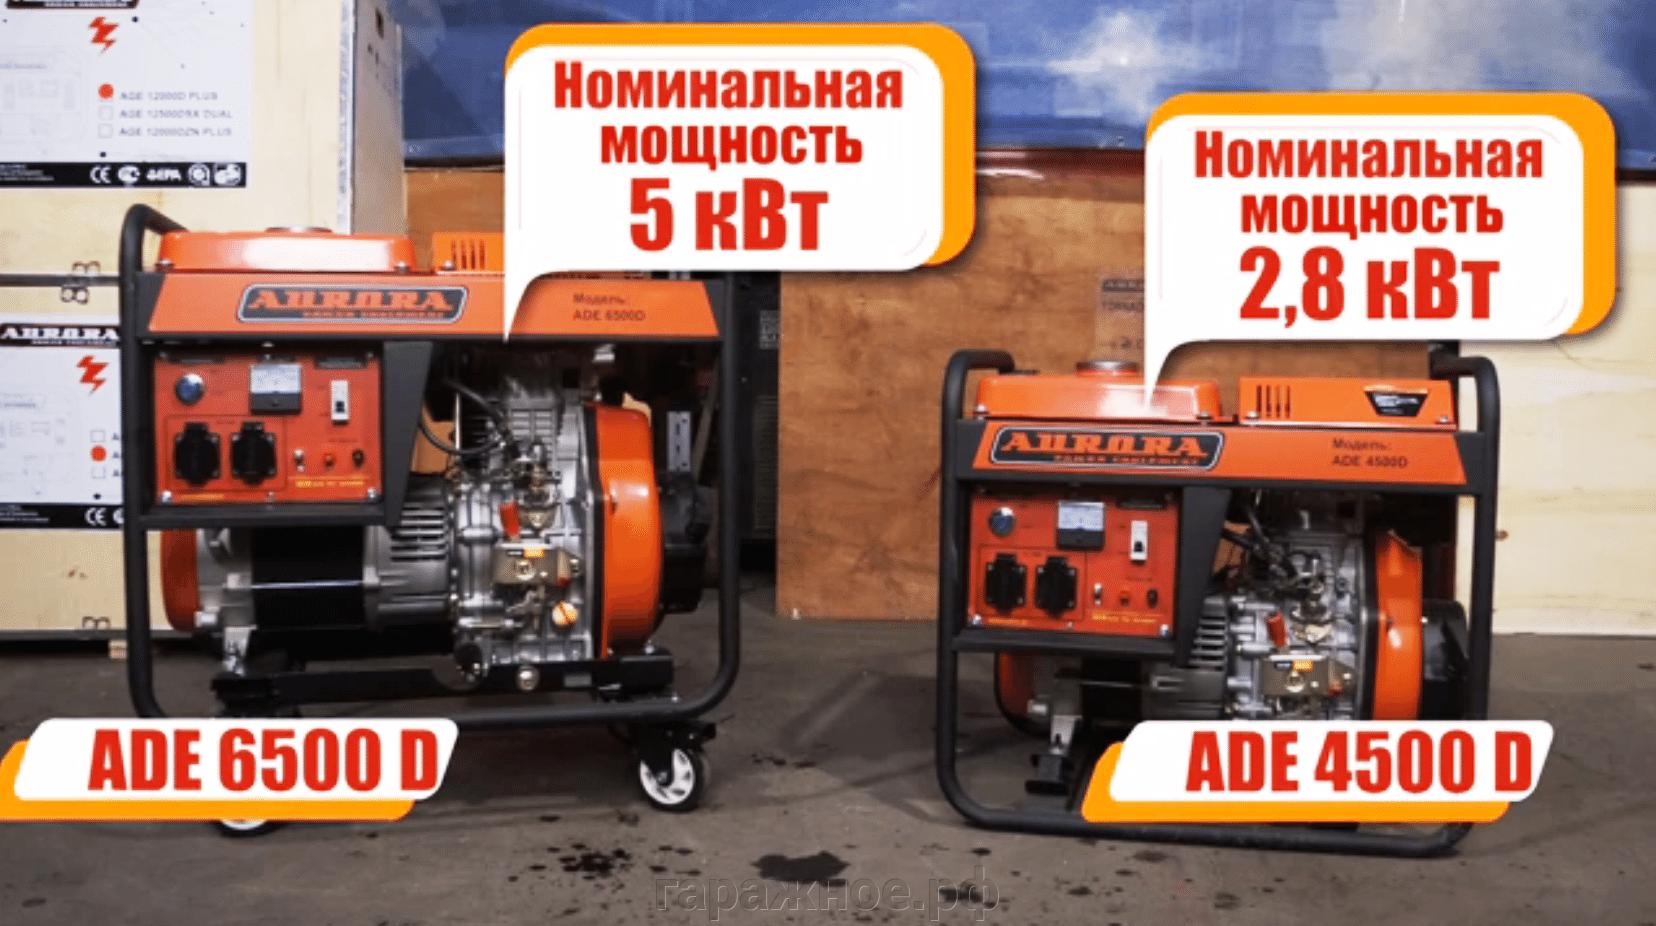 Дизель генератор ADE 6500 D